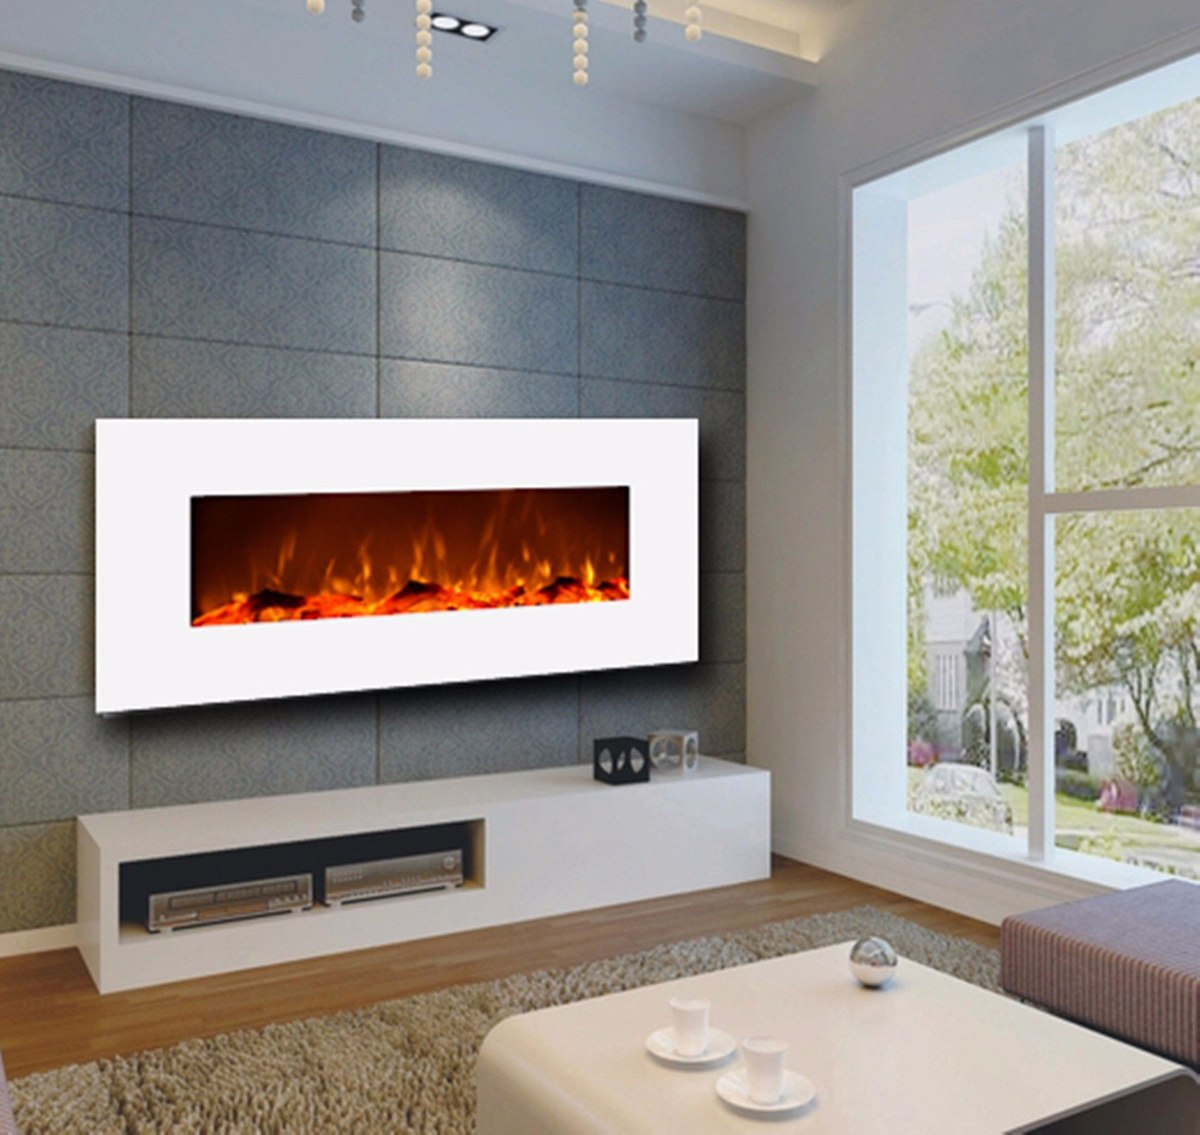 Chimenea electrica rectangular de pared color blanco - Chimeneas de pared ...